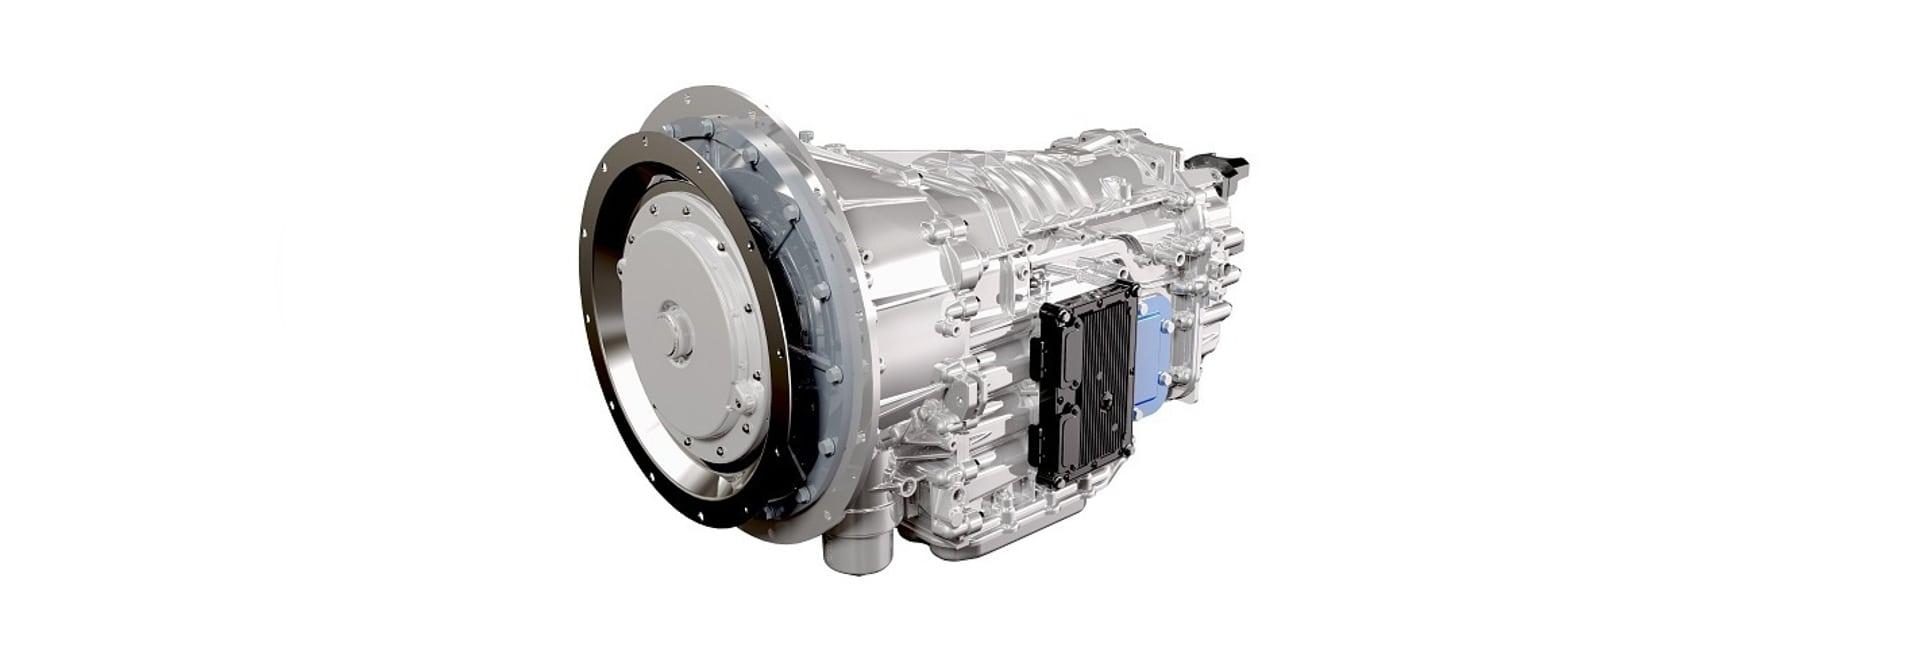 Transmisión automática de la velocidad de Eaton Procision 7